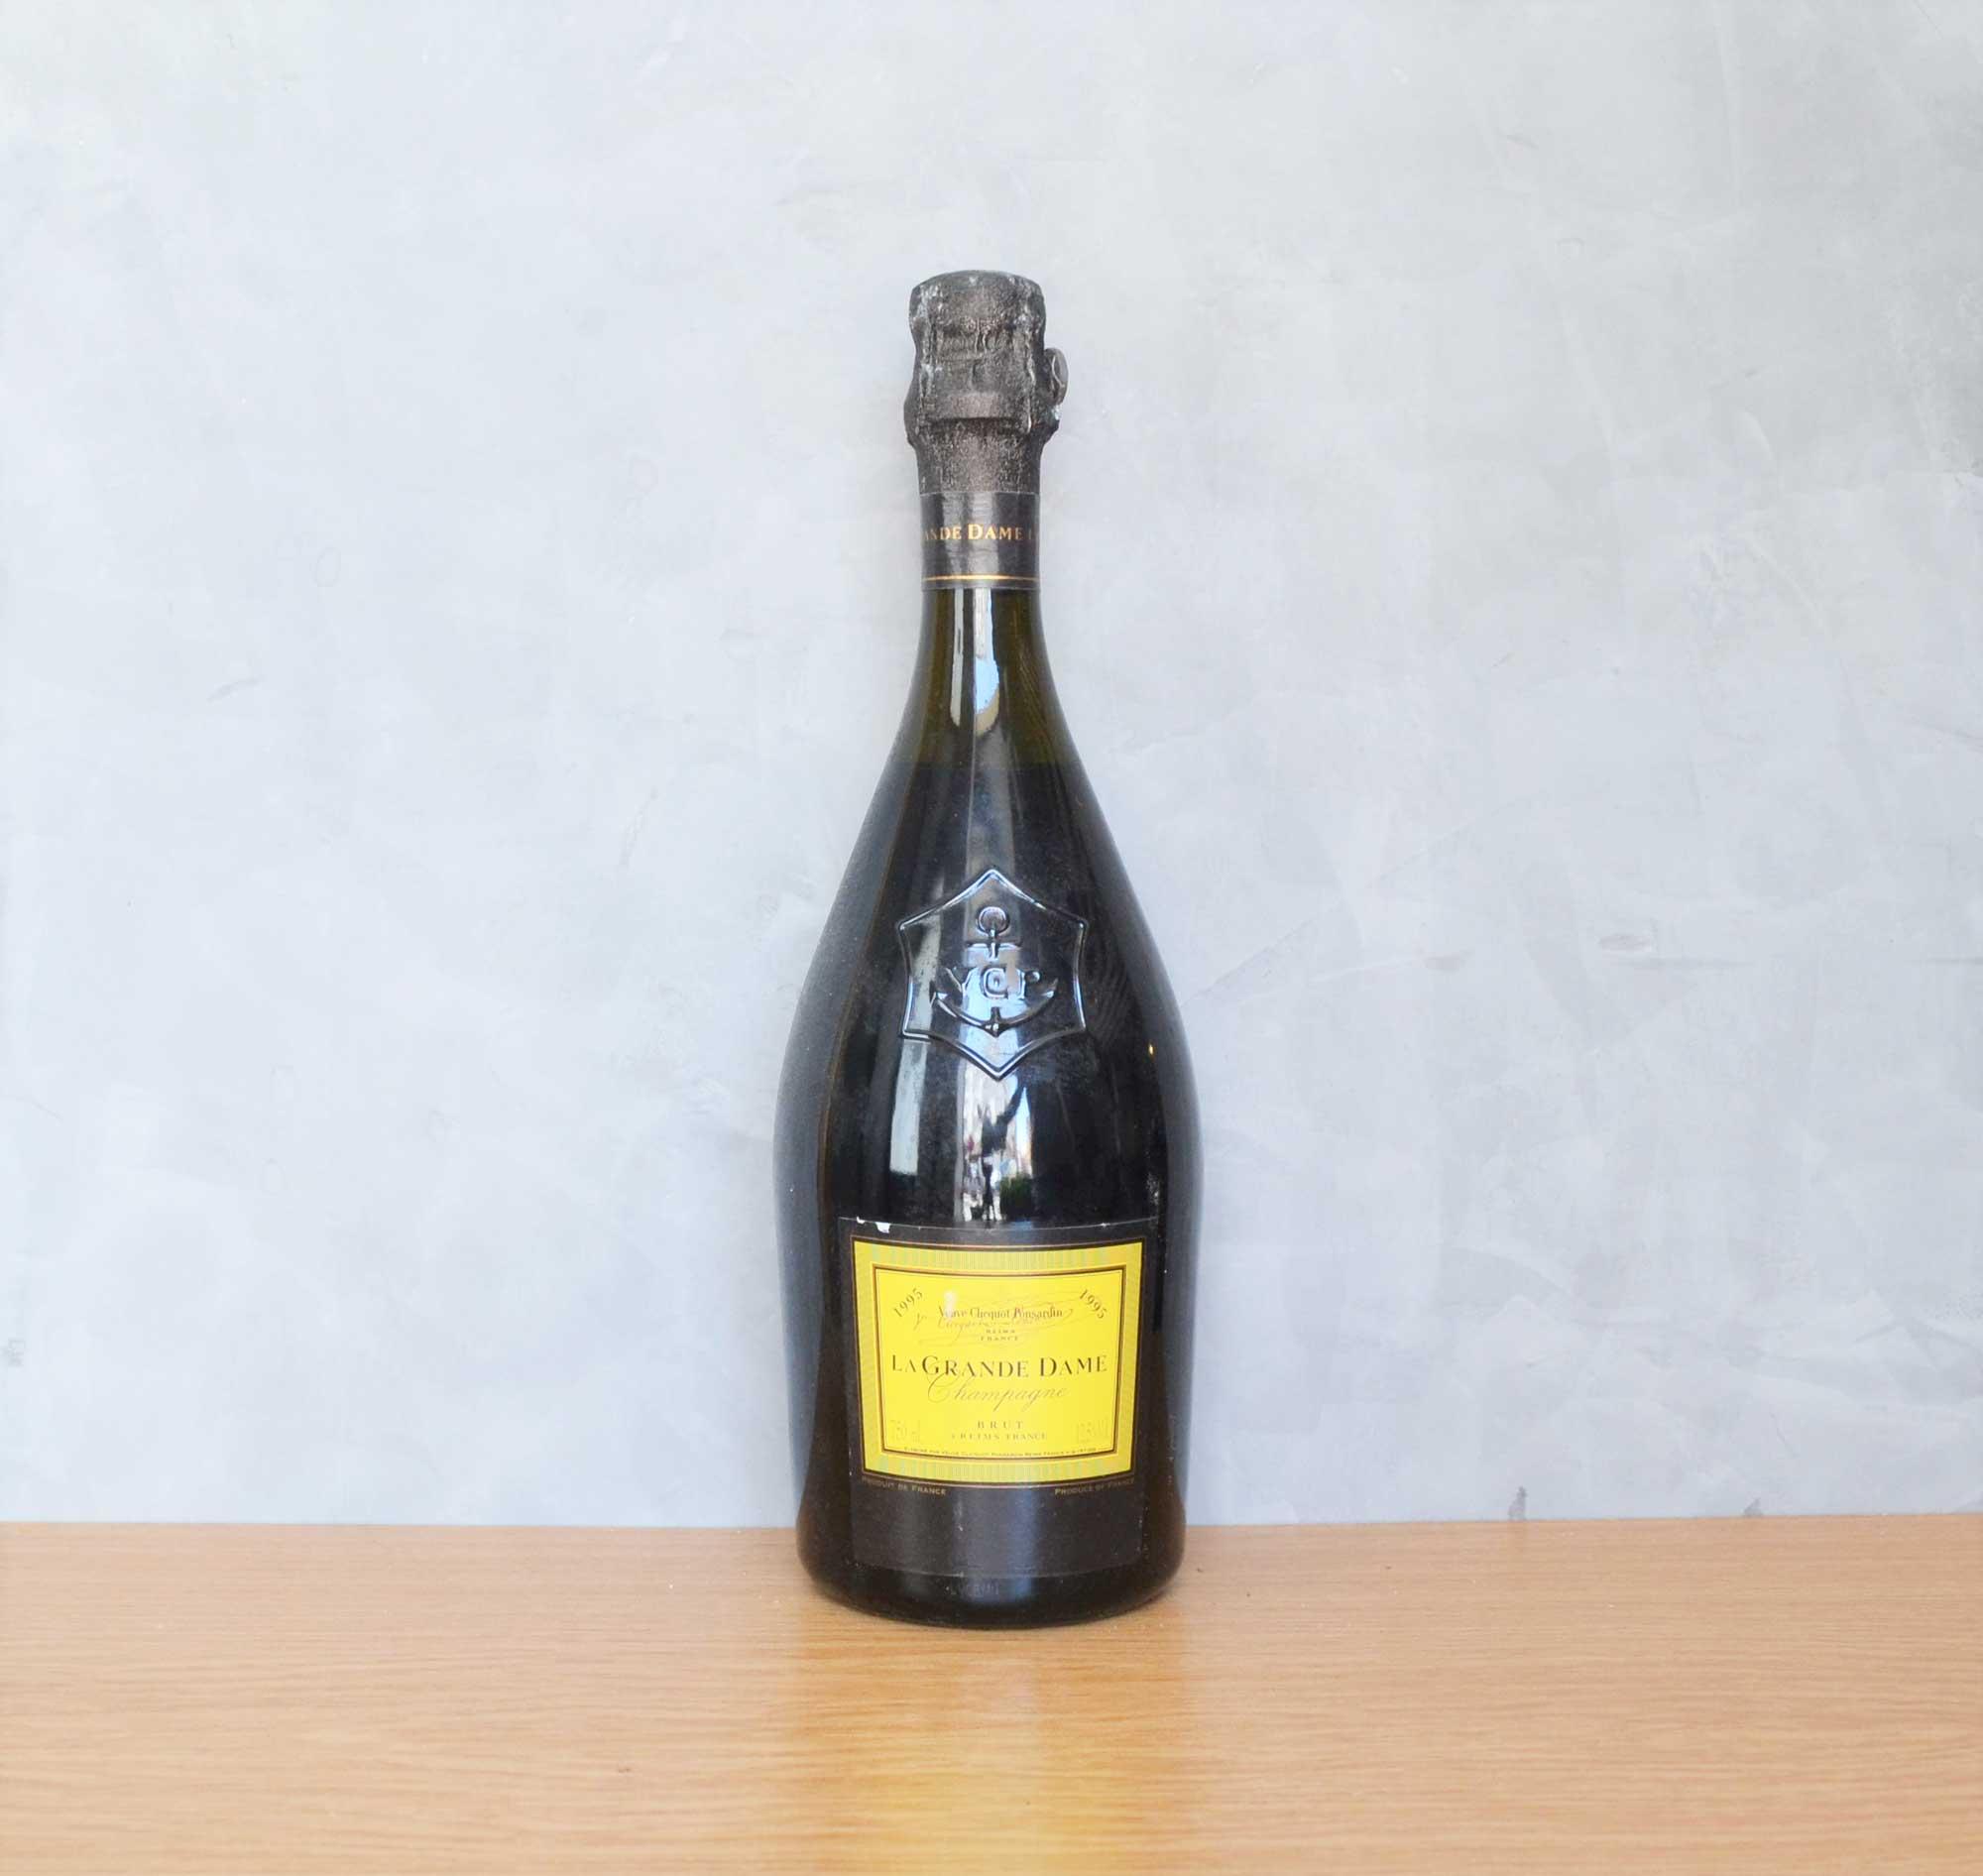 Veuve Clicquot La Grande Dame 1995